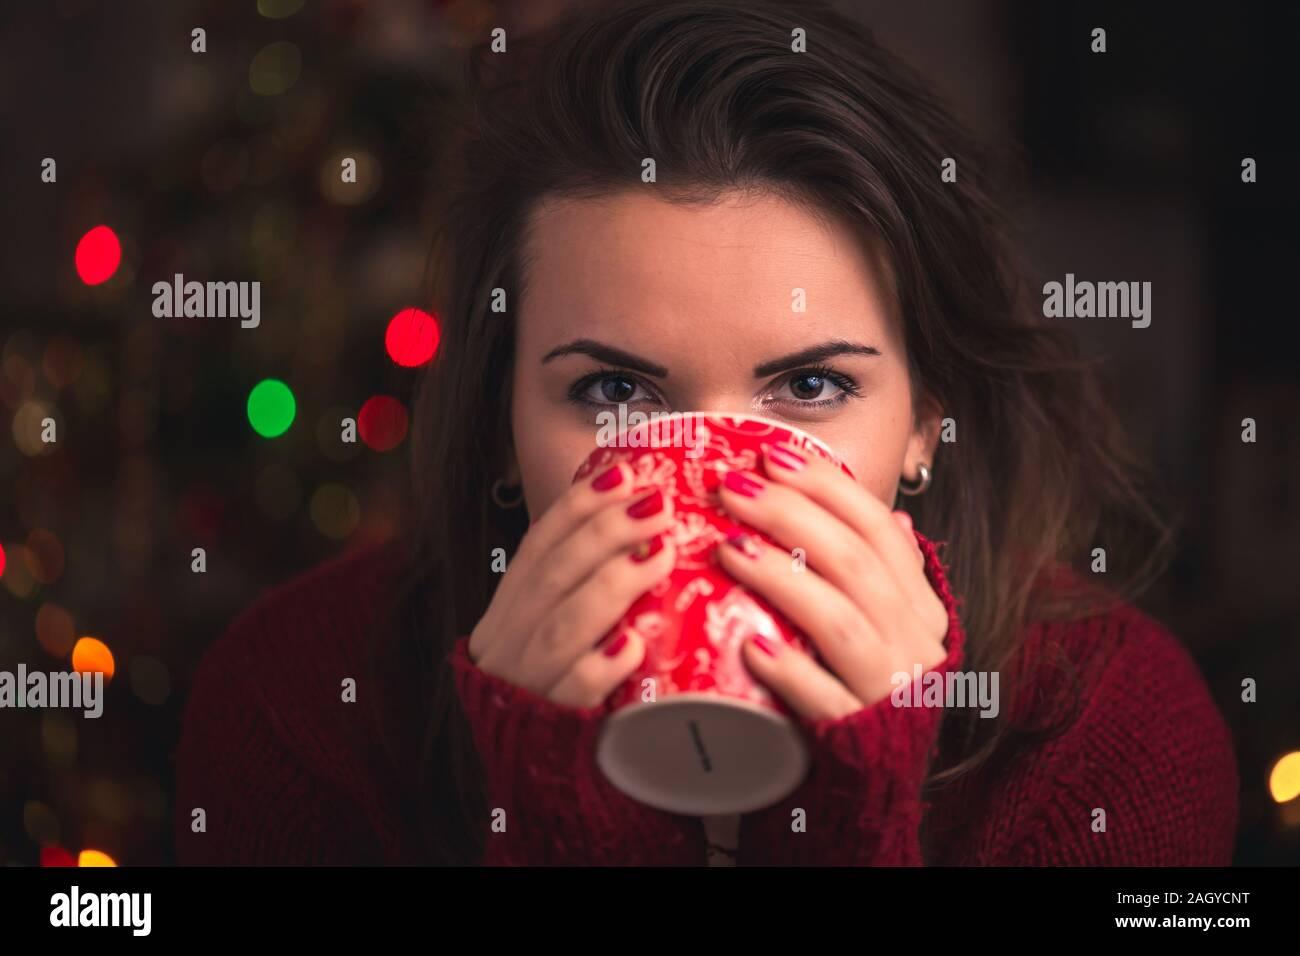 Woman winter cup avec motif de Noël nice close up sur fond de Noël. L'hiver et Noël concept. Banque D'Images